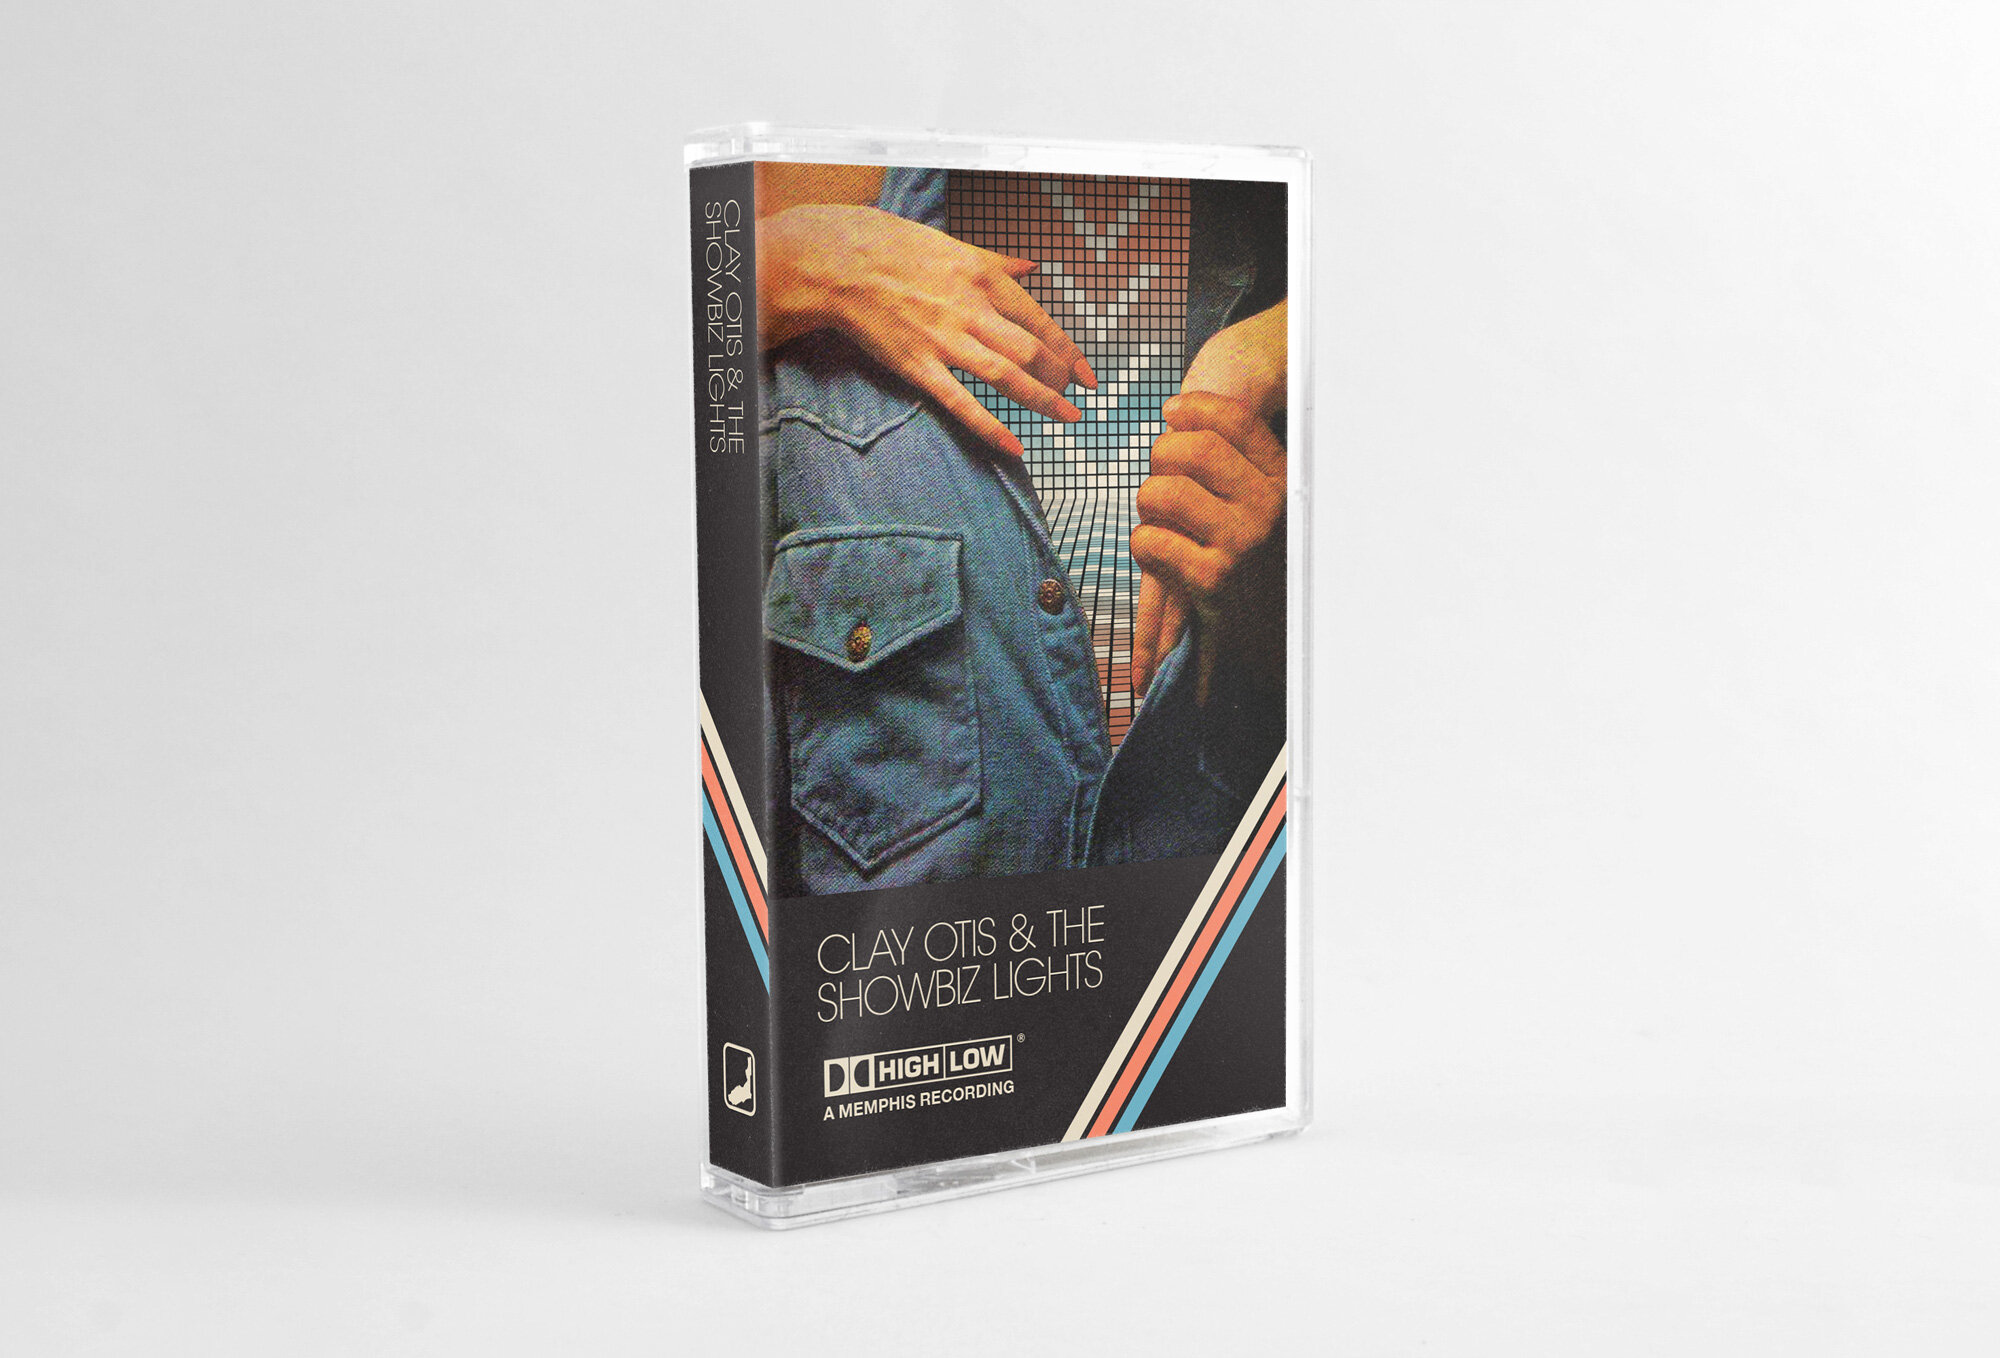 ShowbizLights-Cassette-Cover-Mockup.jpg